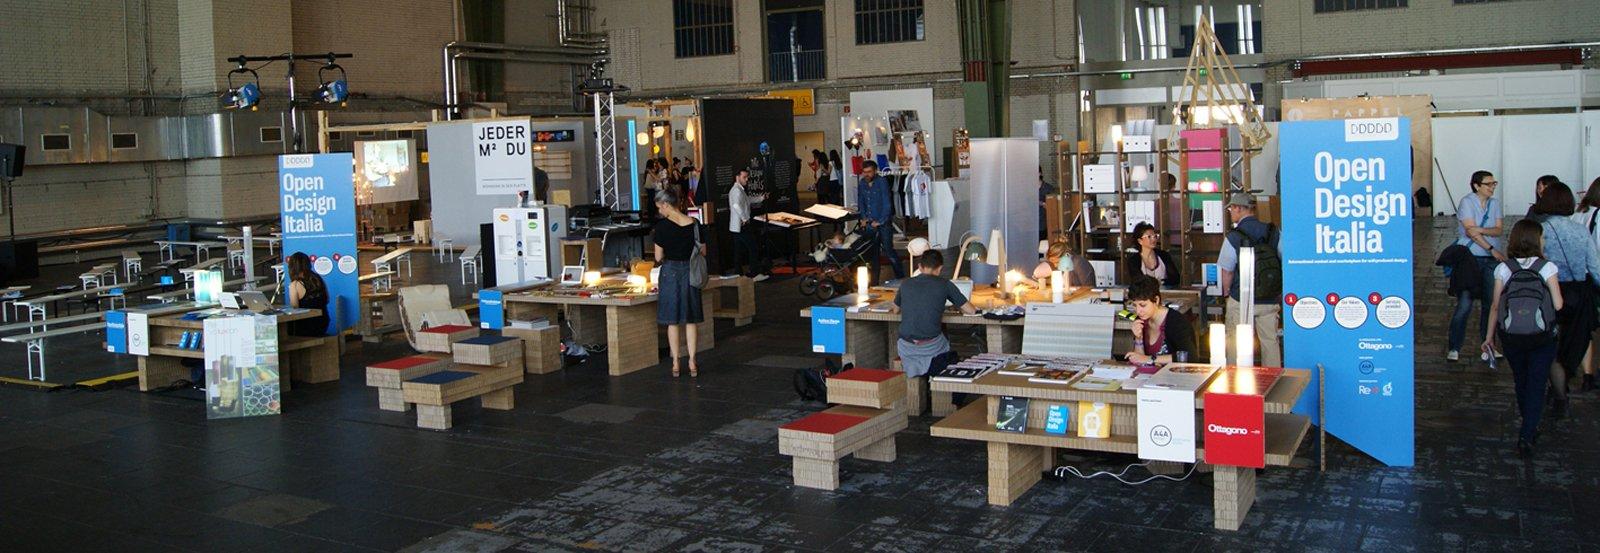 Open design italia online il bando cose di casa for Cose di casa shop on line